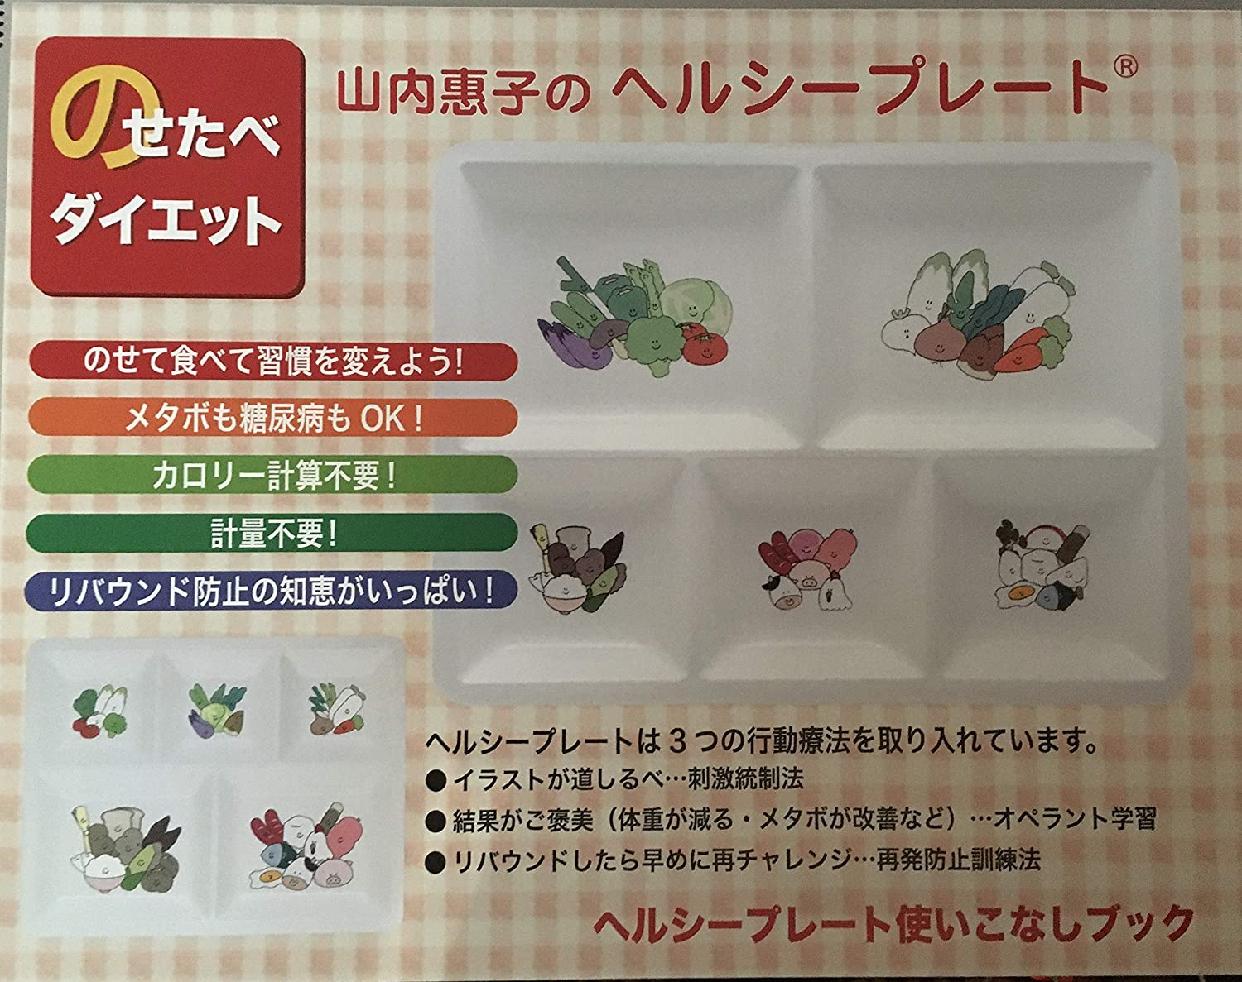 HPYK(エイチピーワイケイ)山内惠子のヘルシープレートのせたべダイエット箱入りセット(改定本入り)の商品画像7